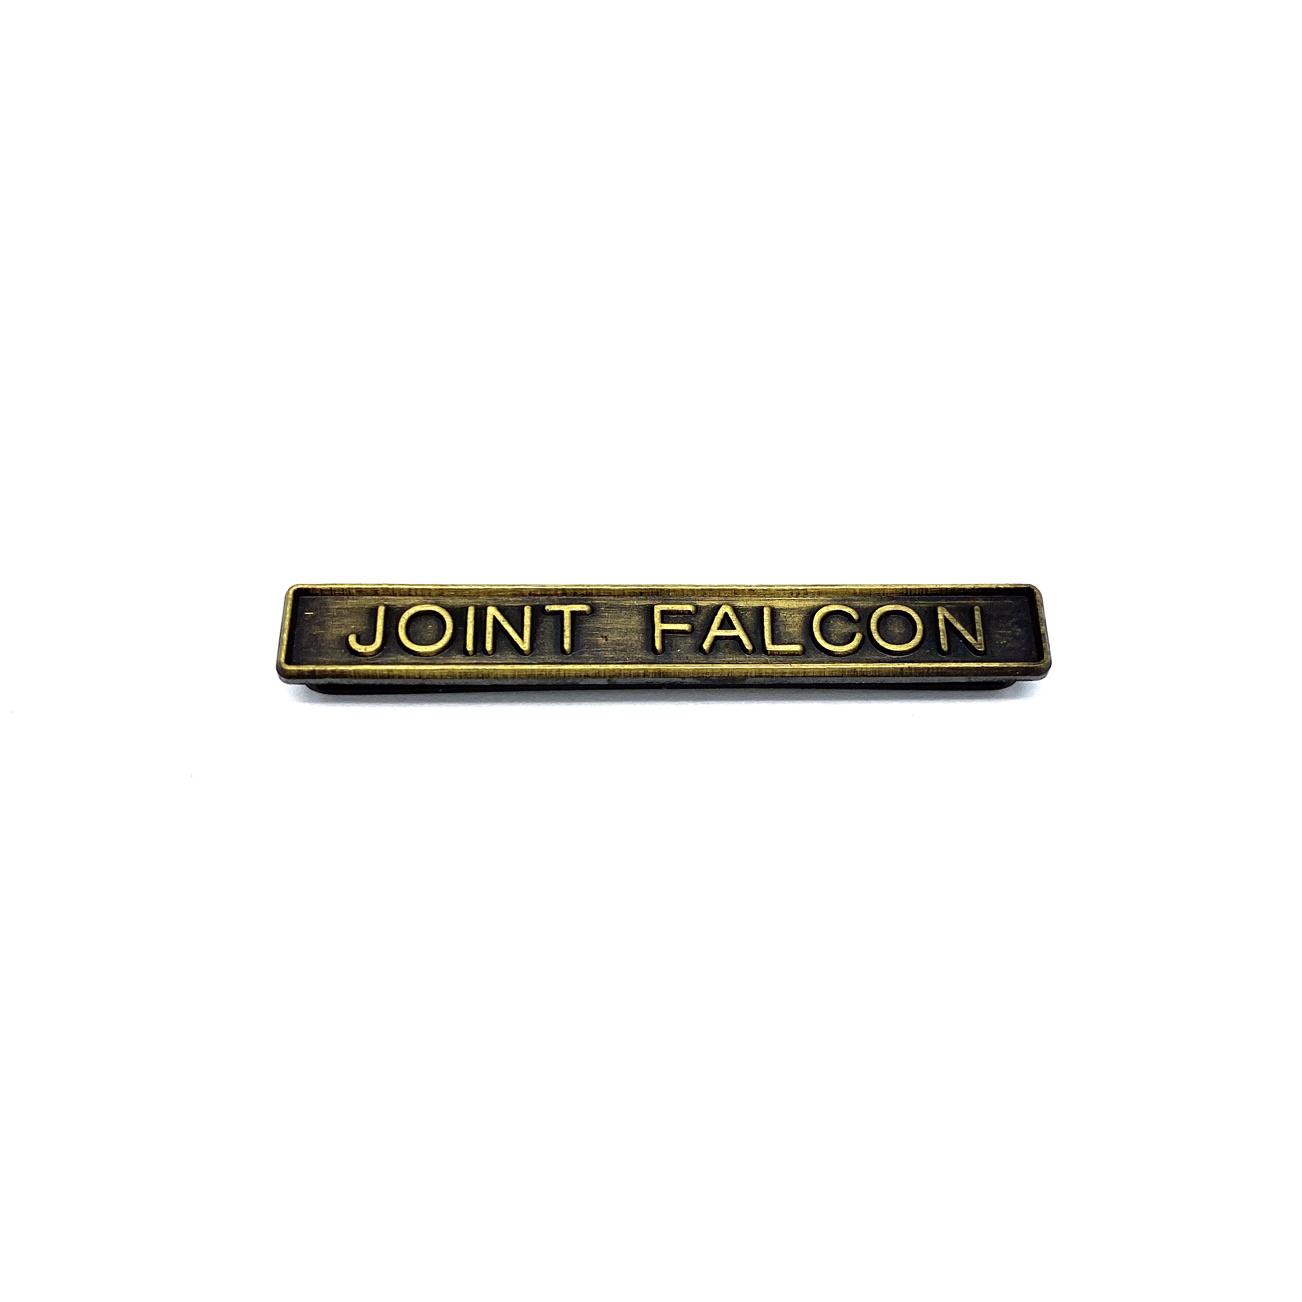 Barrette Joint Falcon pour décorations militaires